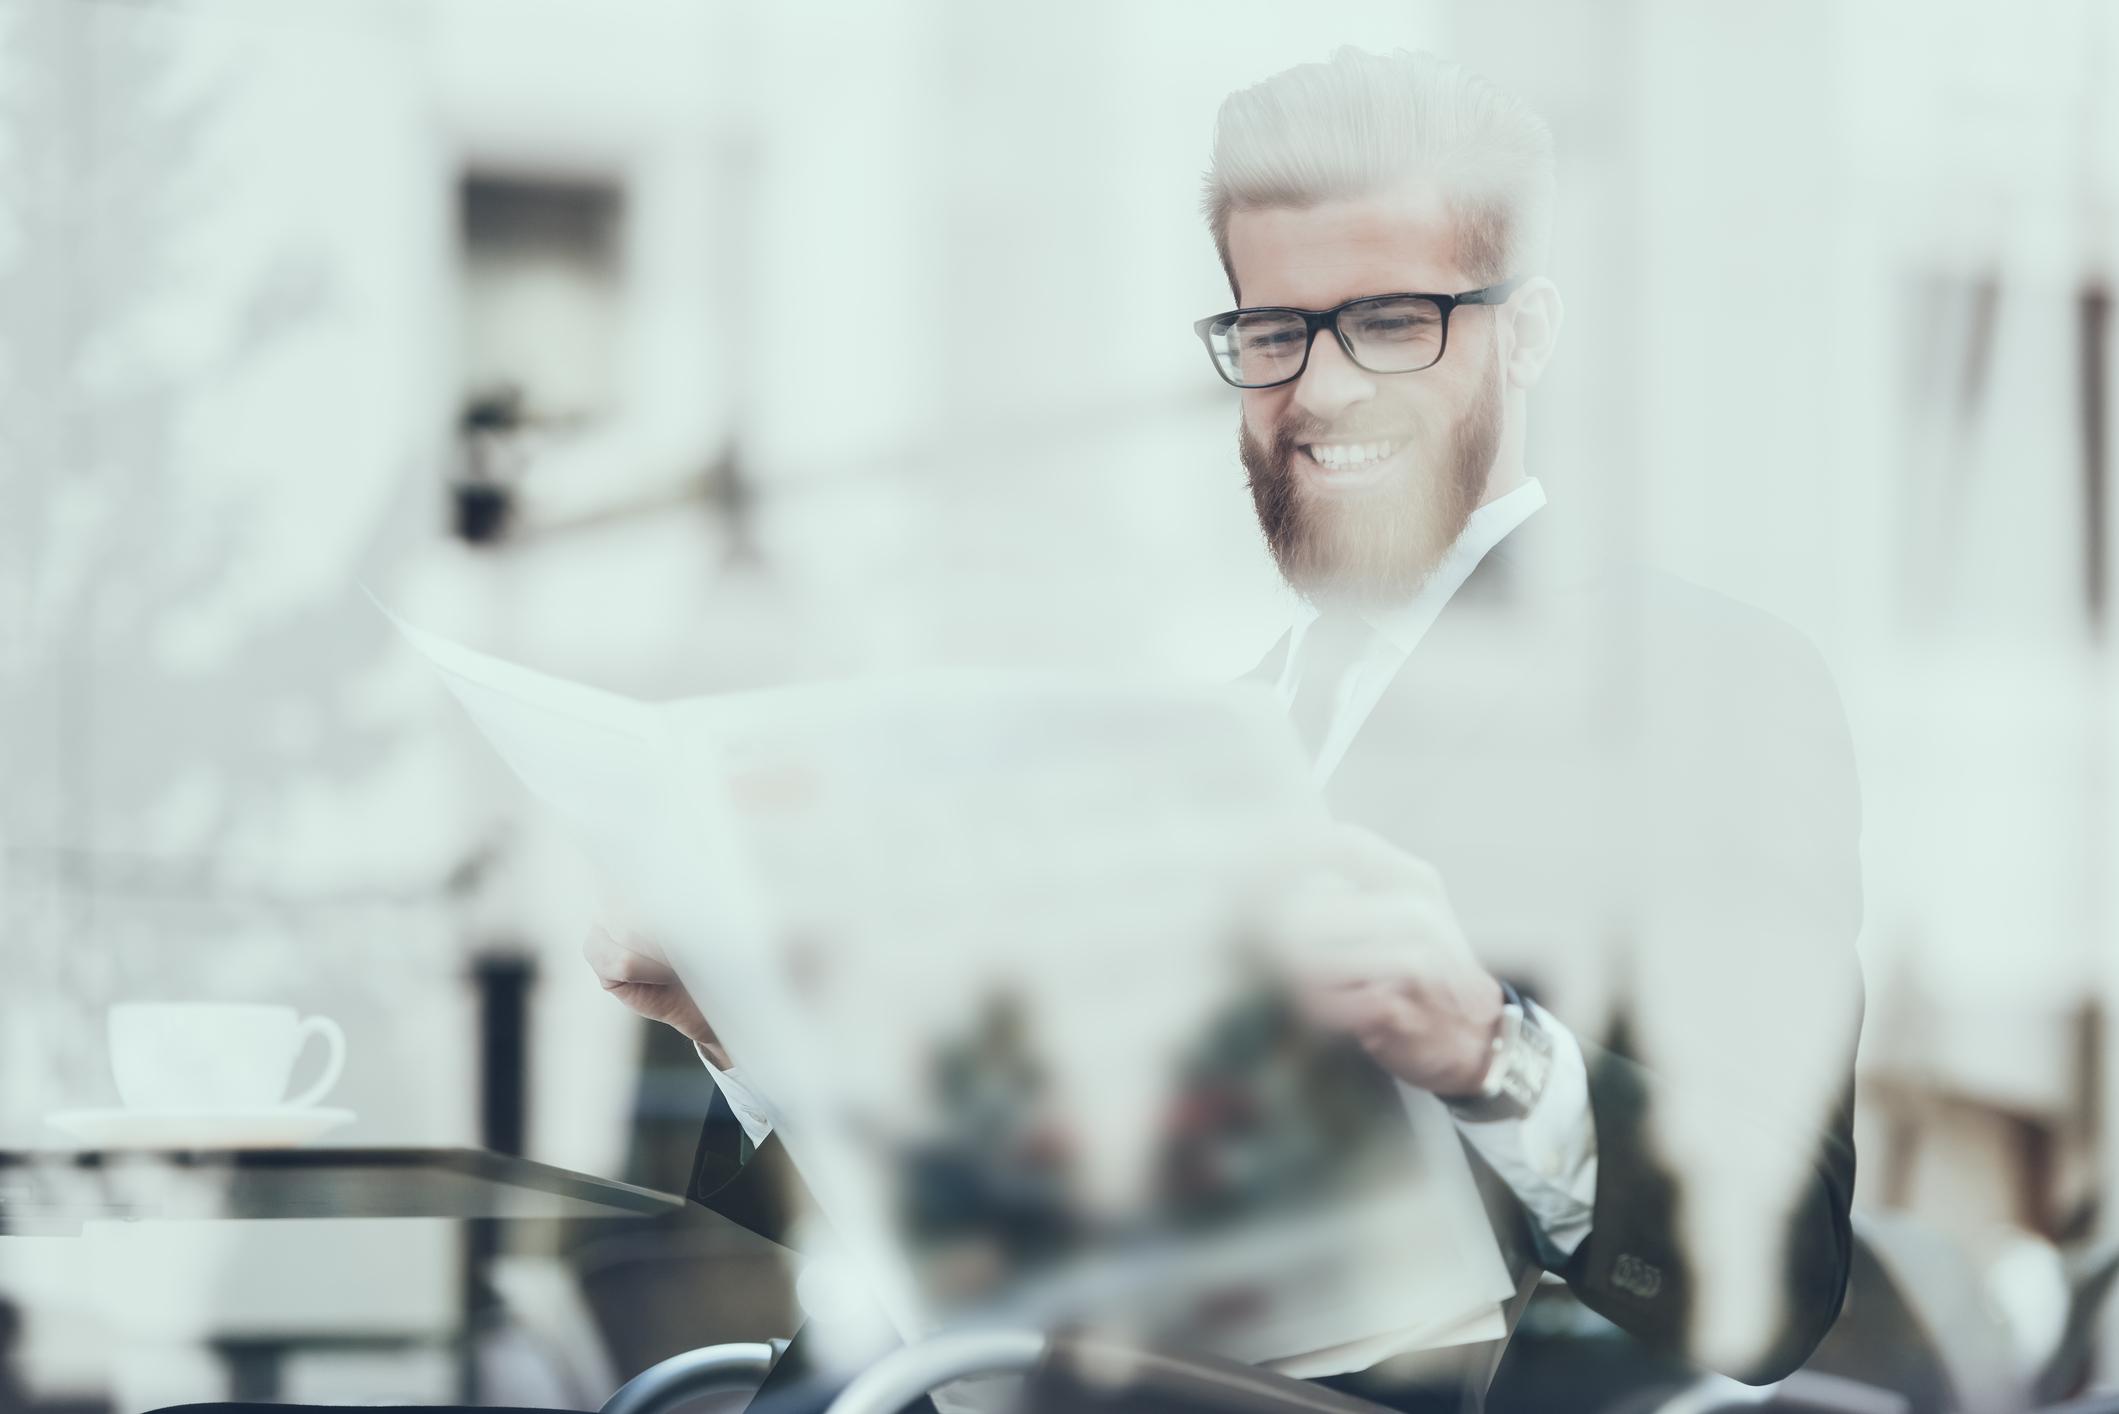 Leesbril op maat of kant en klare leesbrillen